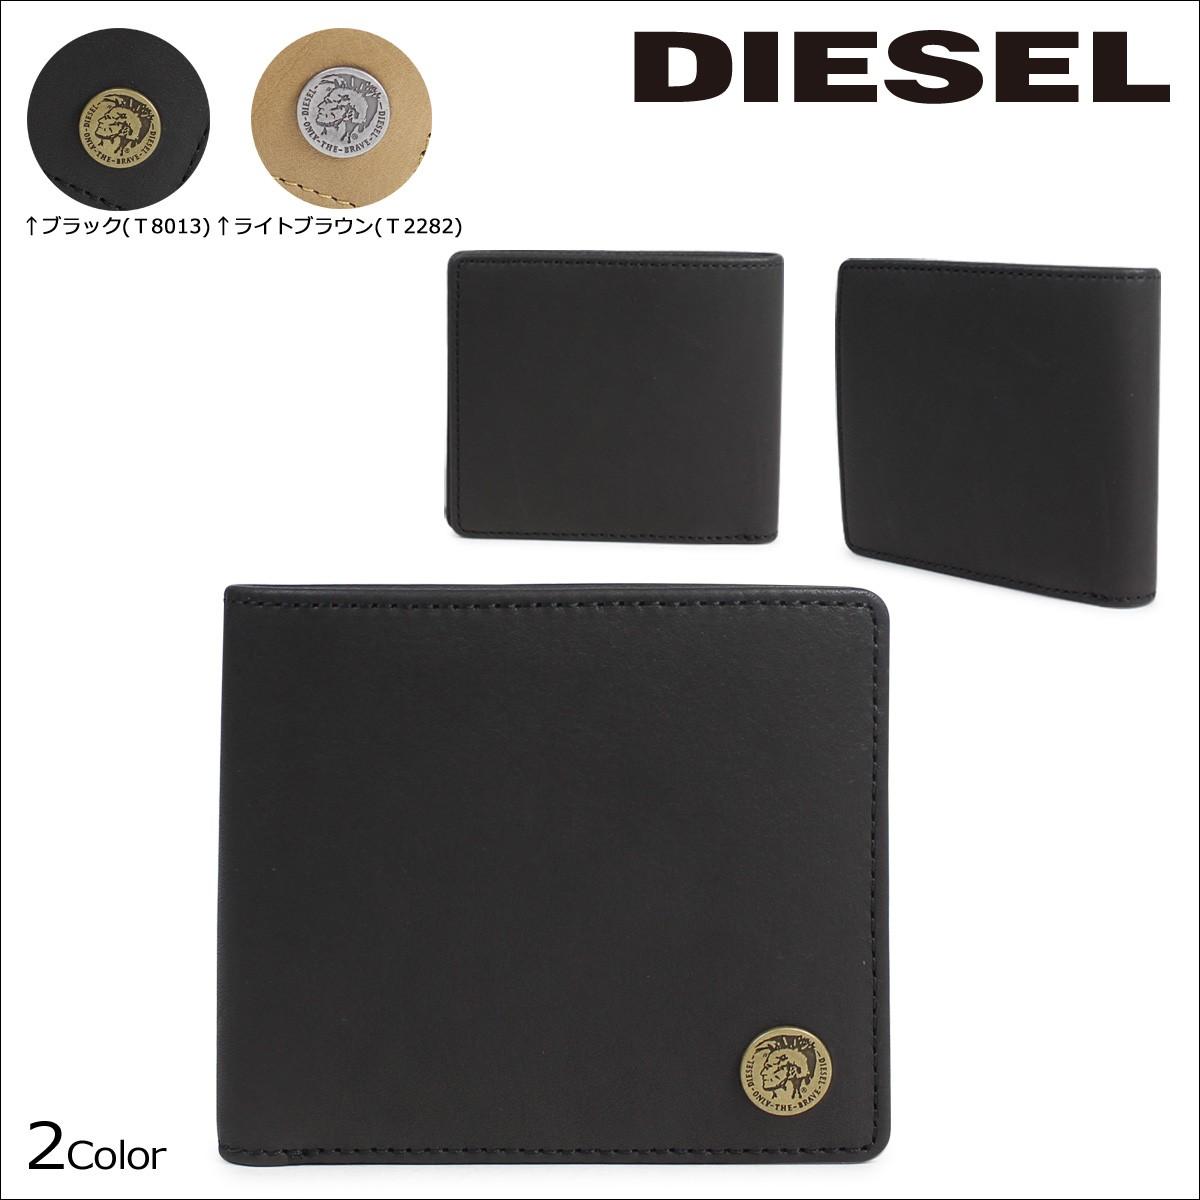 ディーゼル 財布 メンズ DIESEL 二つ折り HIRESH S X04373 PR013 2カラー [1/23 追加入荷]